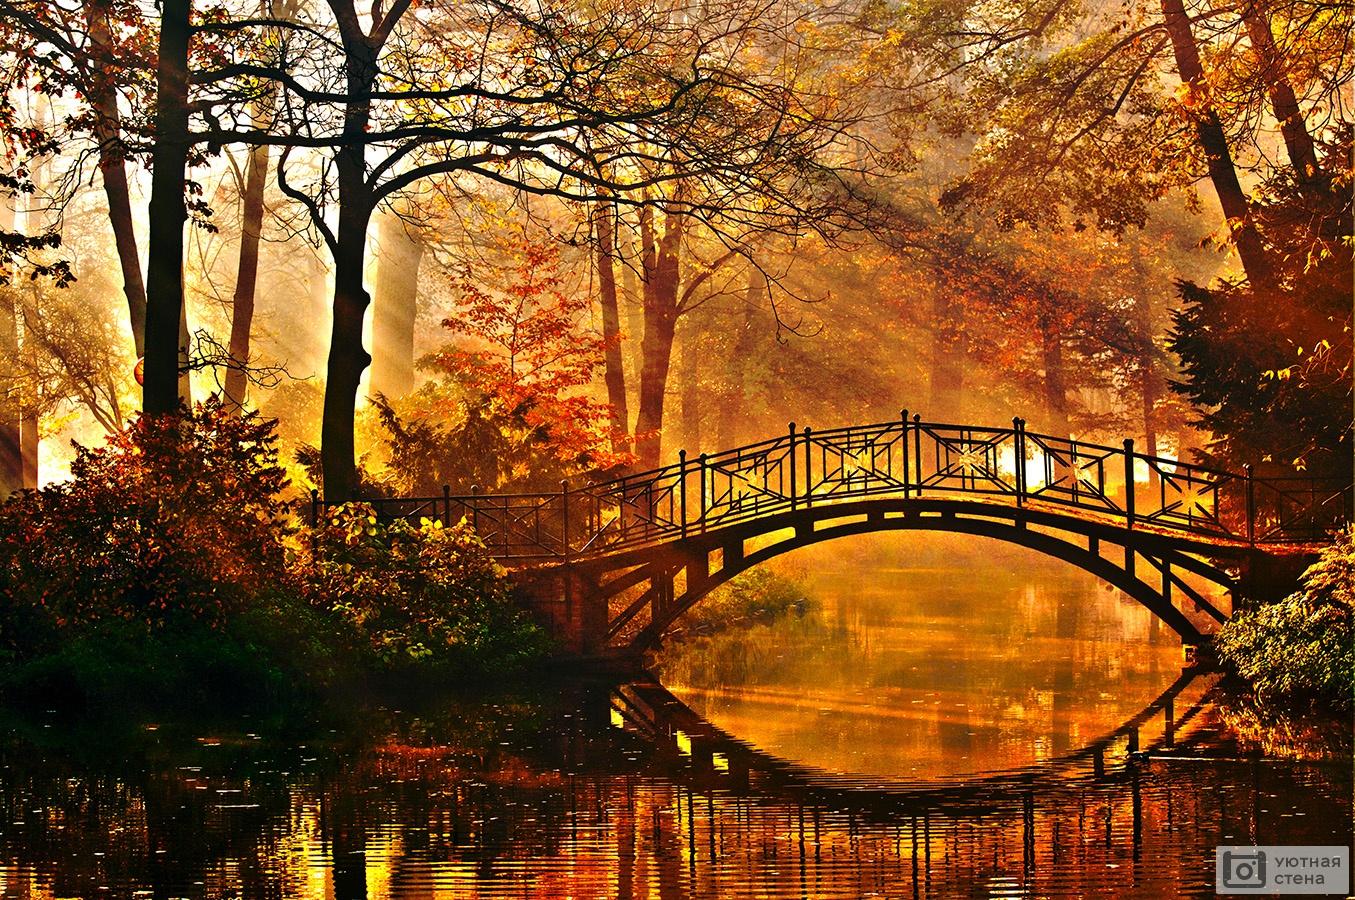 Открытки юле, открытка мостик